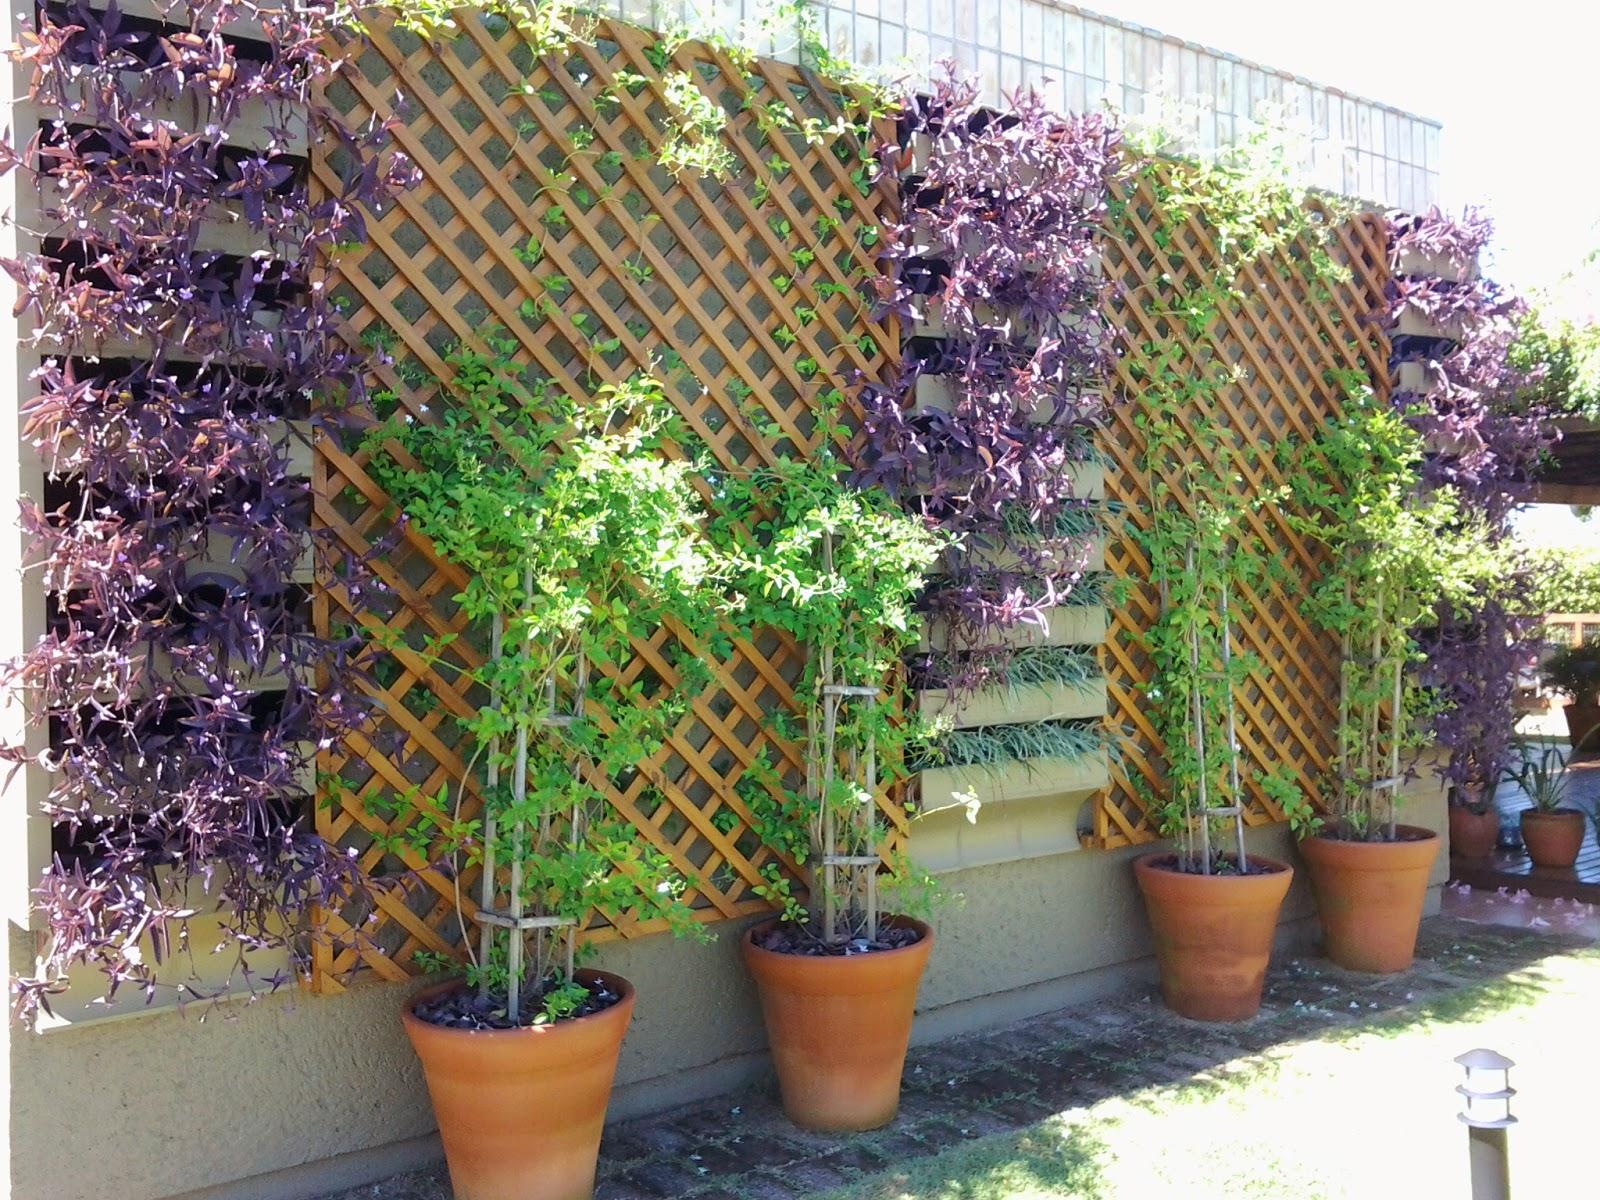 trelica jardim vertical:Jardim vertical executado com peças de cerâmica e madeiras em